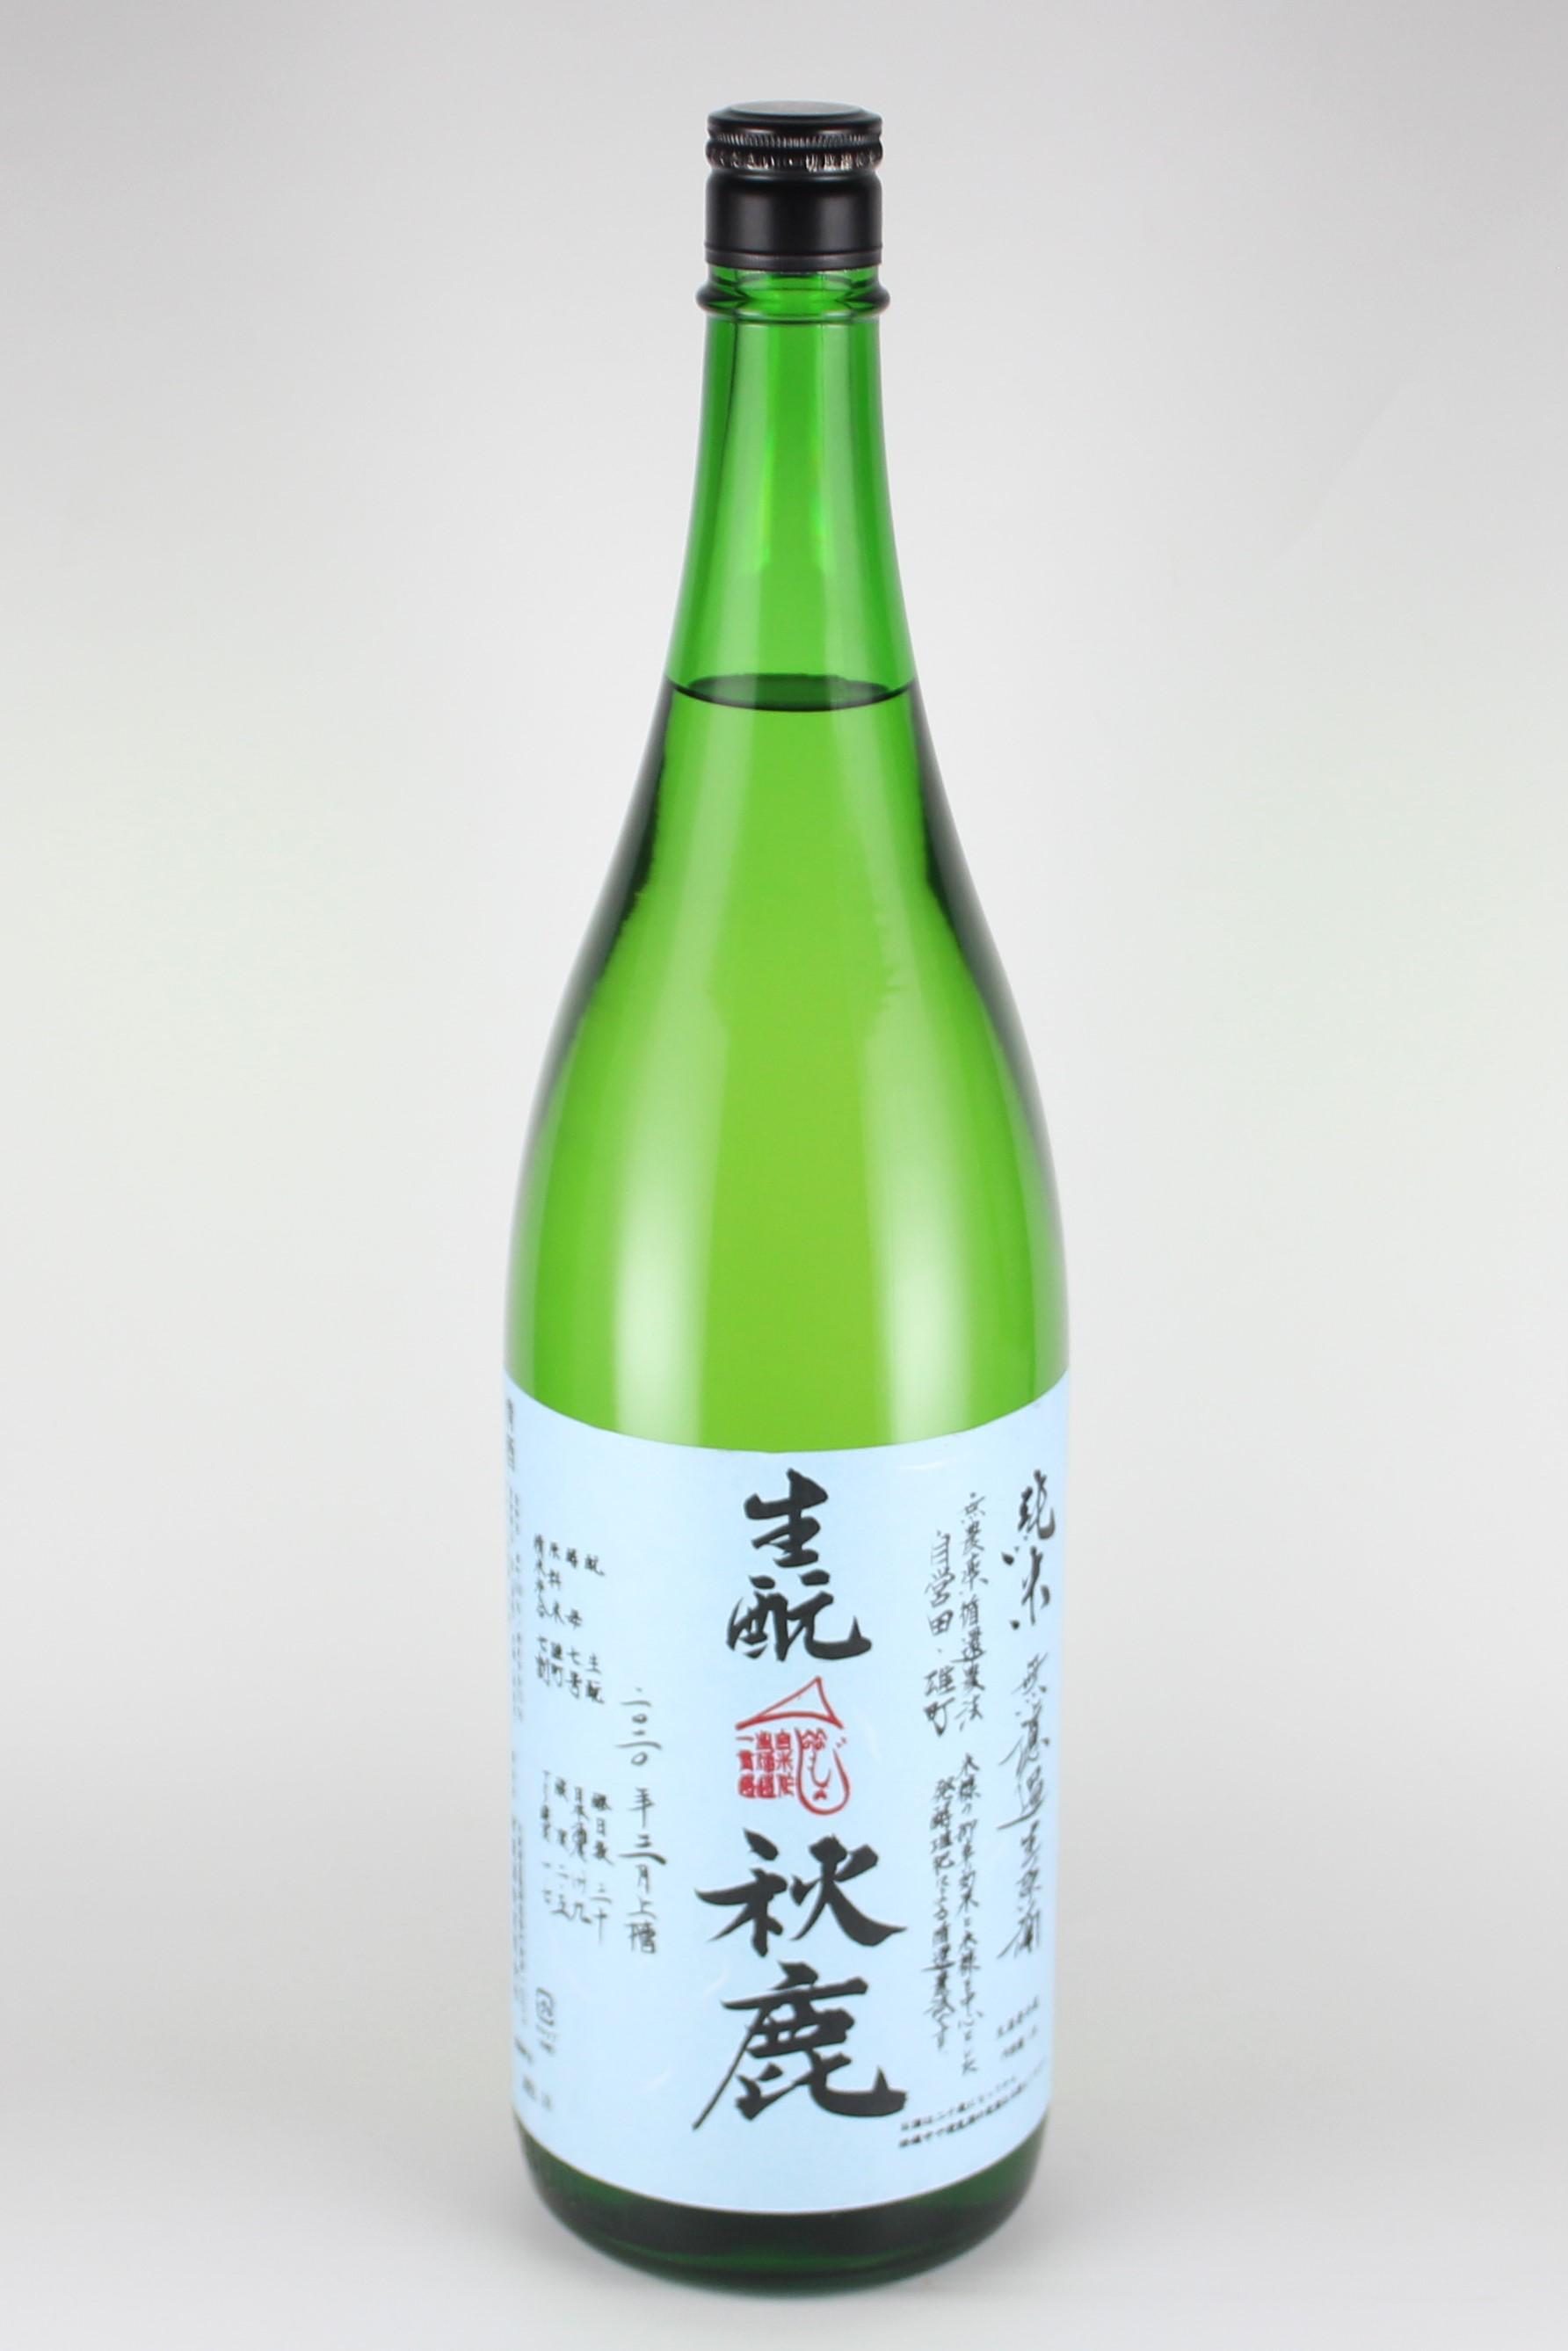 秋鹿 きもと純米無濾過生原酒 雄町 1800ml 【大阪/秋鹿酒造】2019(令和1)醸造年度